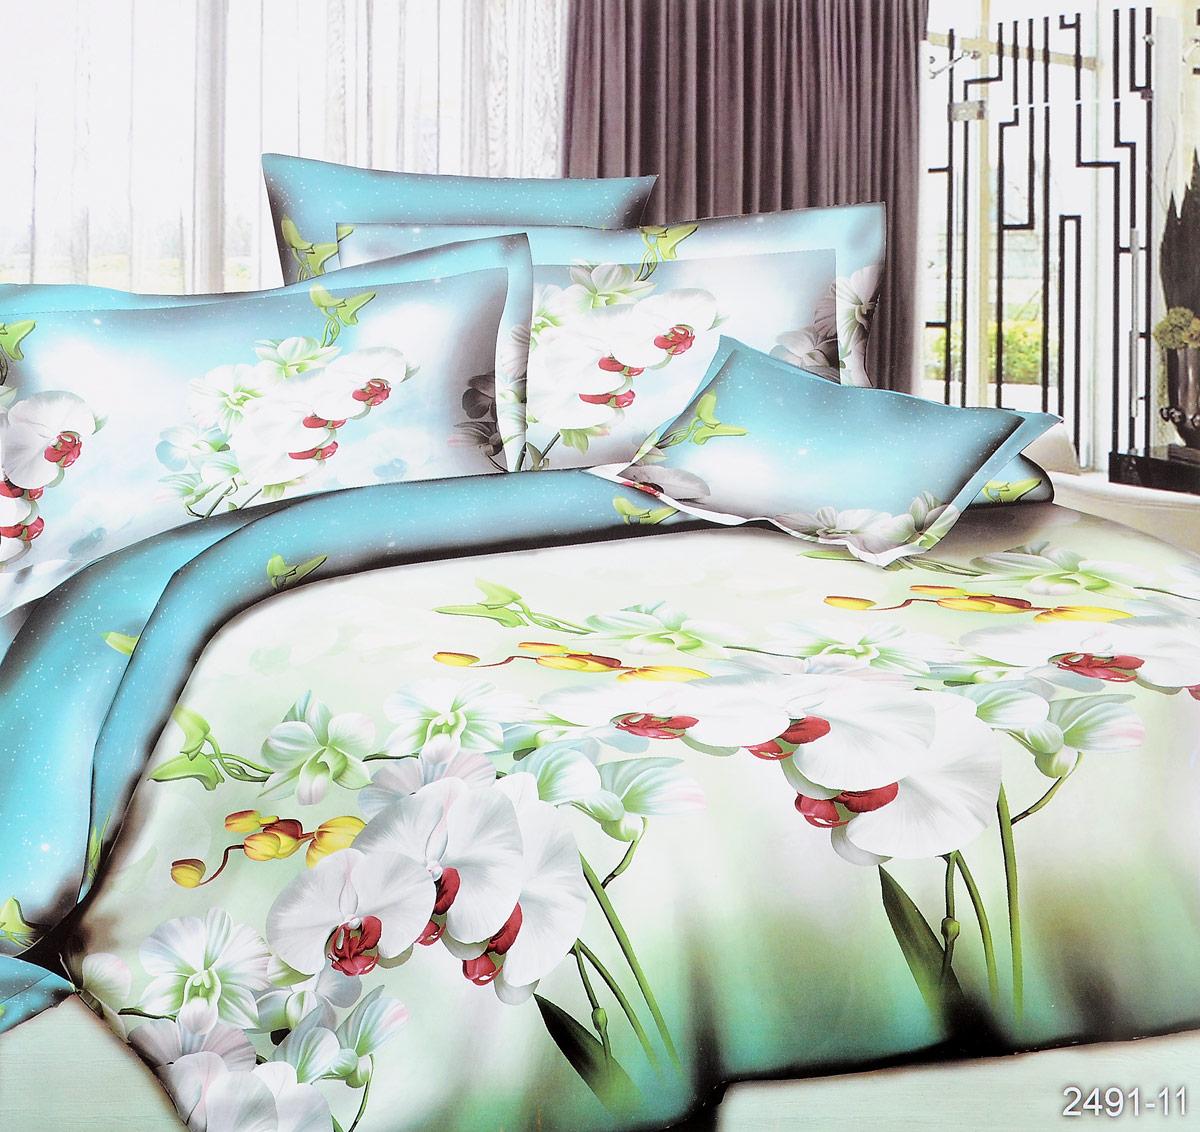 Комплект белья ЭГО Шамони, 1,5-спальный, наволочки 70 x 70, цвет: зеленый391602Комплект белья ЭГО Шамони выполнен из полисатина (50% хлопка, 50% полиэстера). Комплект состоит из пододеяльника, простыни и двух наволочек. Постельное белье имеет изысканный внешний вид и яркую цветовую гамму. Гладкая структура делает ткань приятной на ощупь, мягкой и нежной, при этом она прочная и хорошо сохраняет форму. Ткань легко гладится, не линяет и не садится. Приобретая комплект постельного белья ЭГО Шамони, вы можете быть уверенны в том, что покупка доставит вам и вашим близким удовольствие и подарит максимальный комфорт.